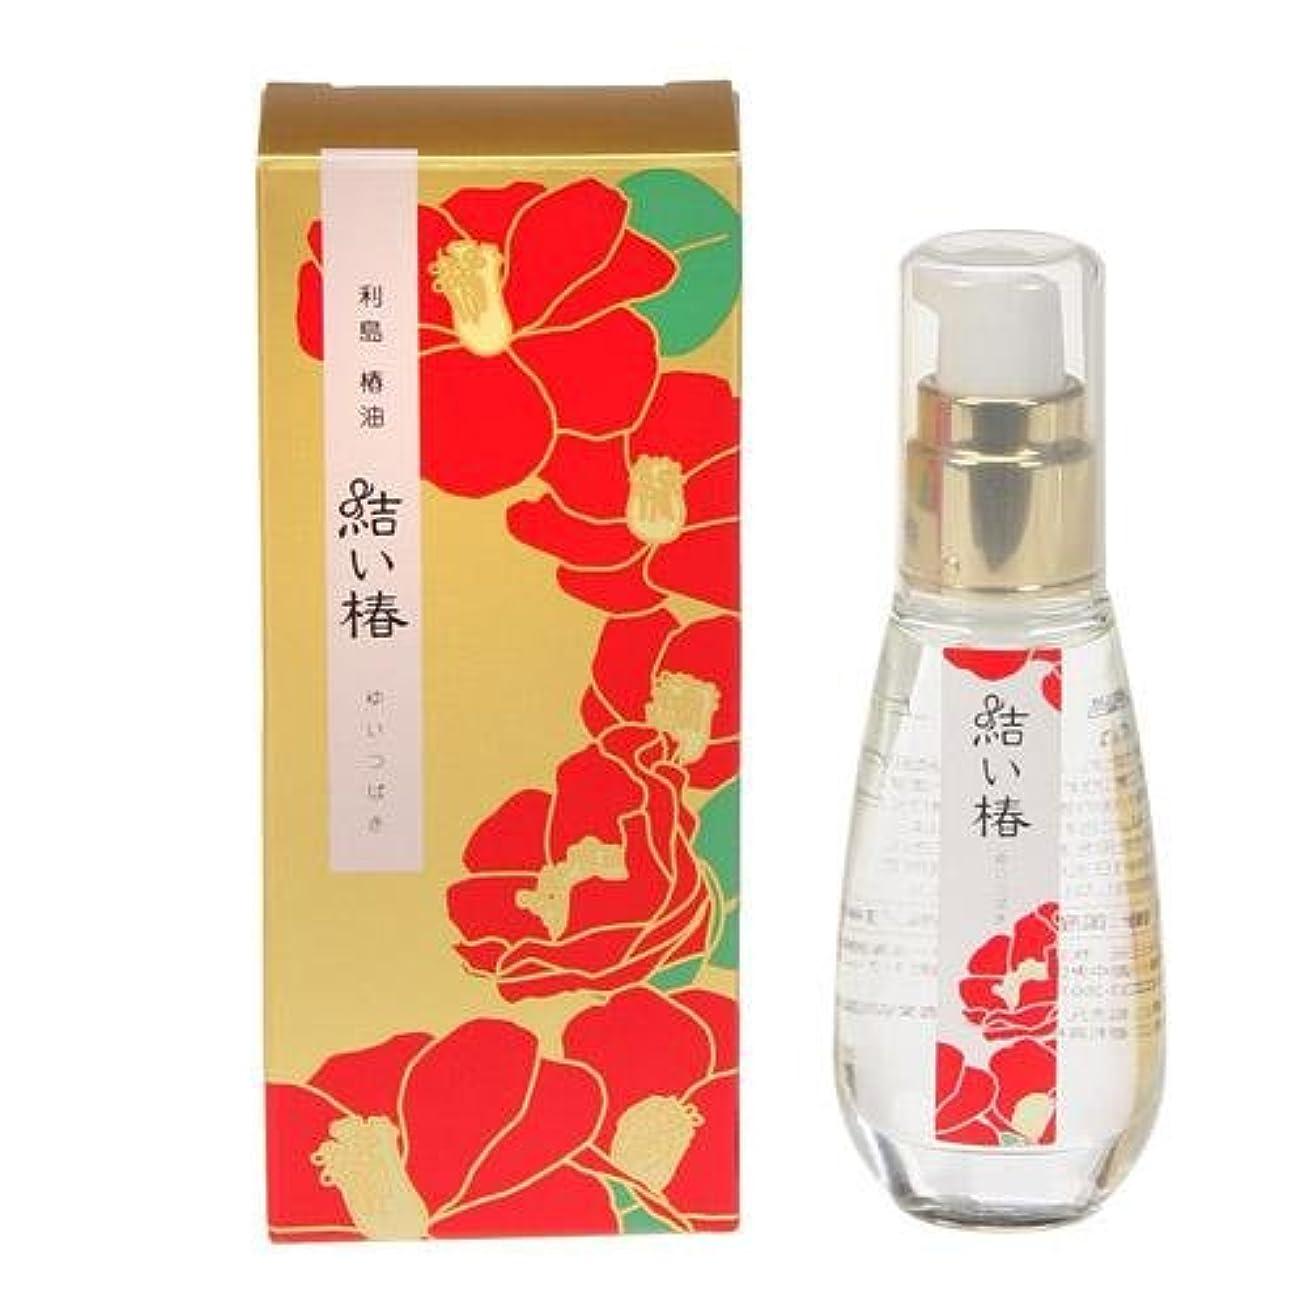 開示する聴衆許さない「伊豆利島(としま)椿油」 結い椿 椿油 上質 30ml(プッシュタイプ)